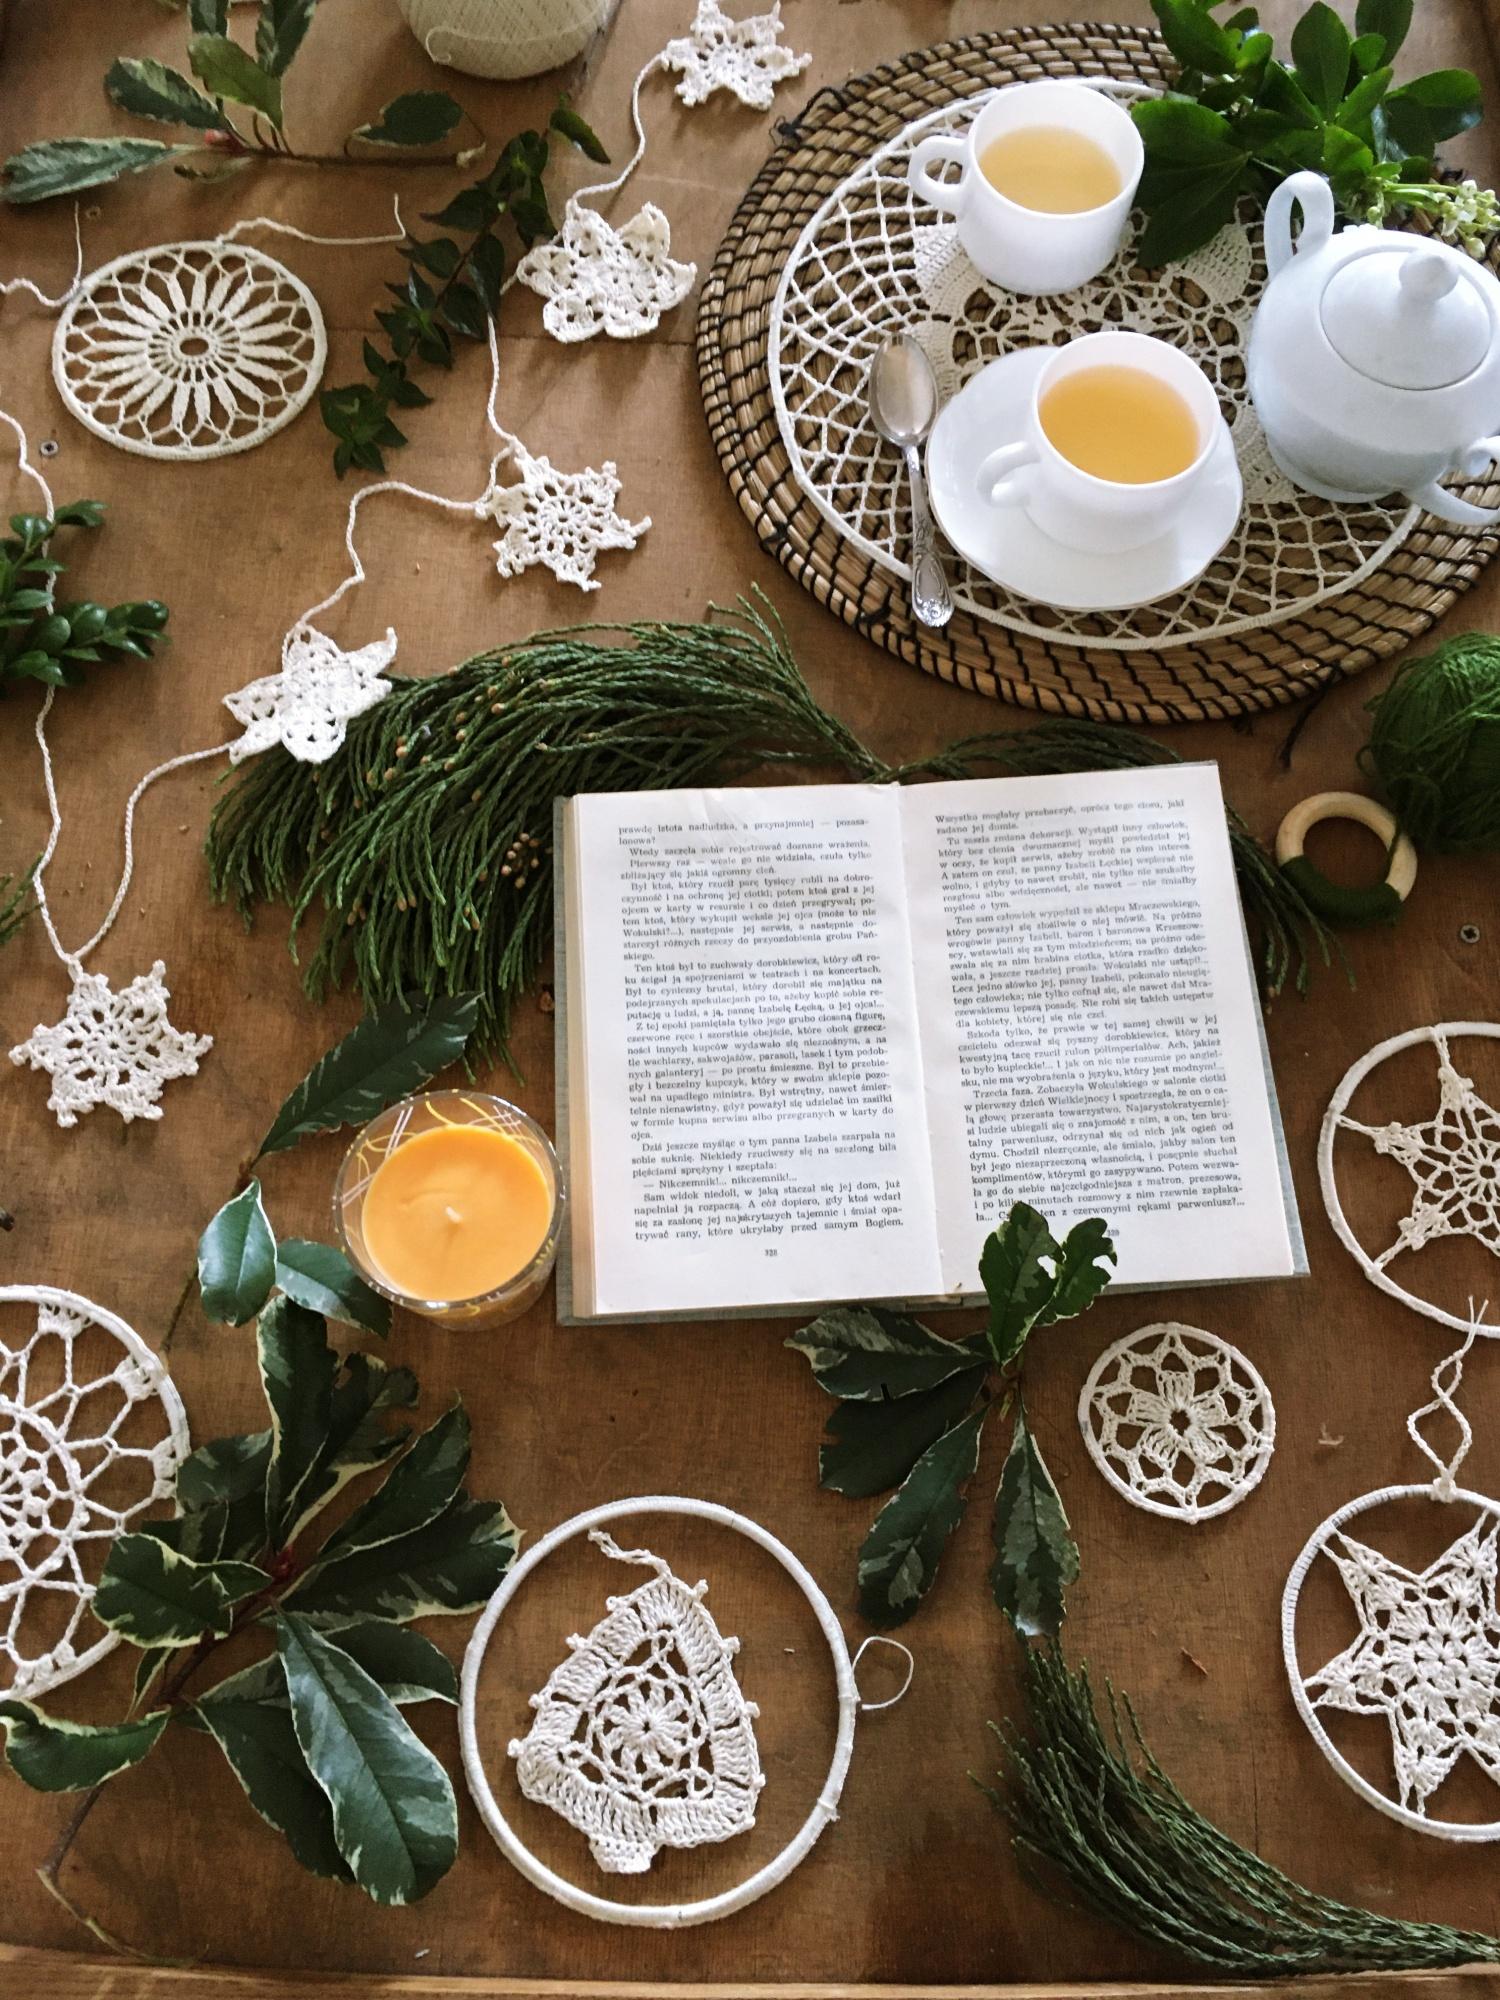 Sapin au crochet à accrocher au sapin de Noël